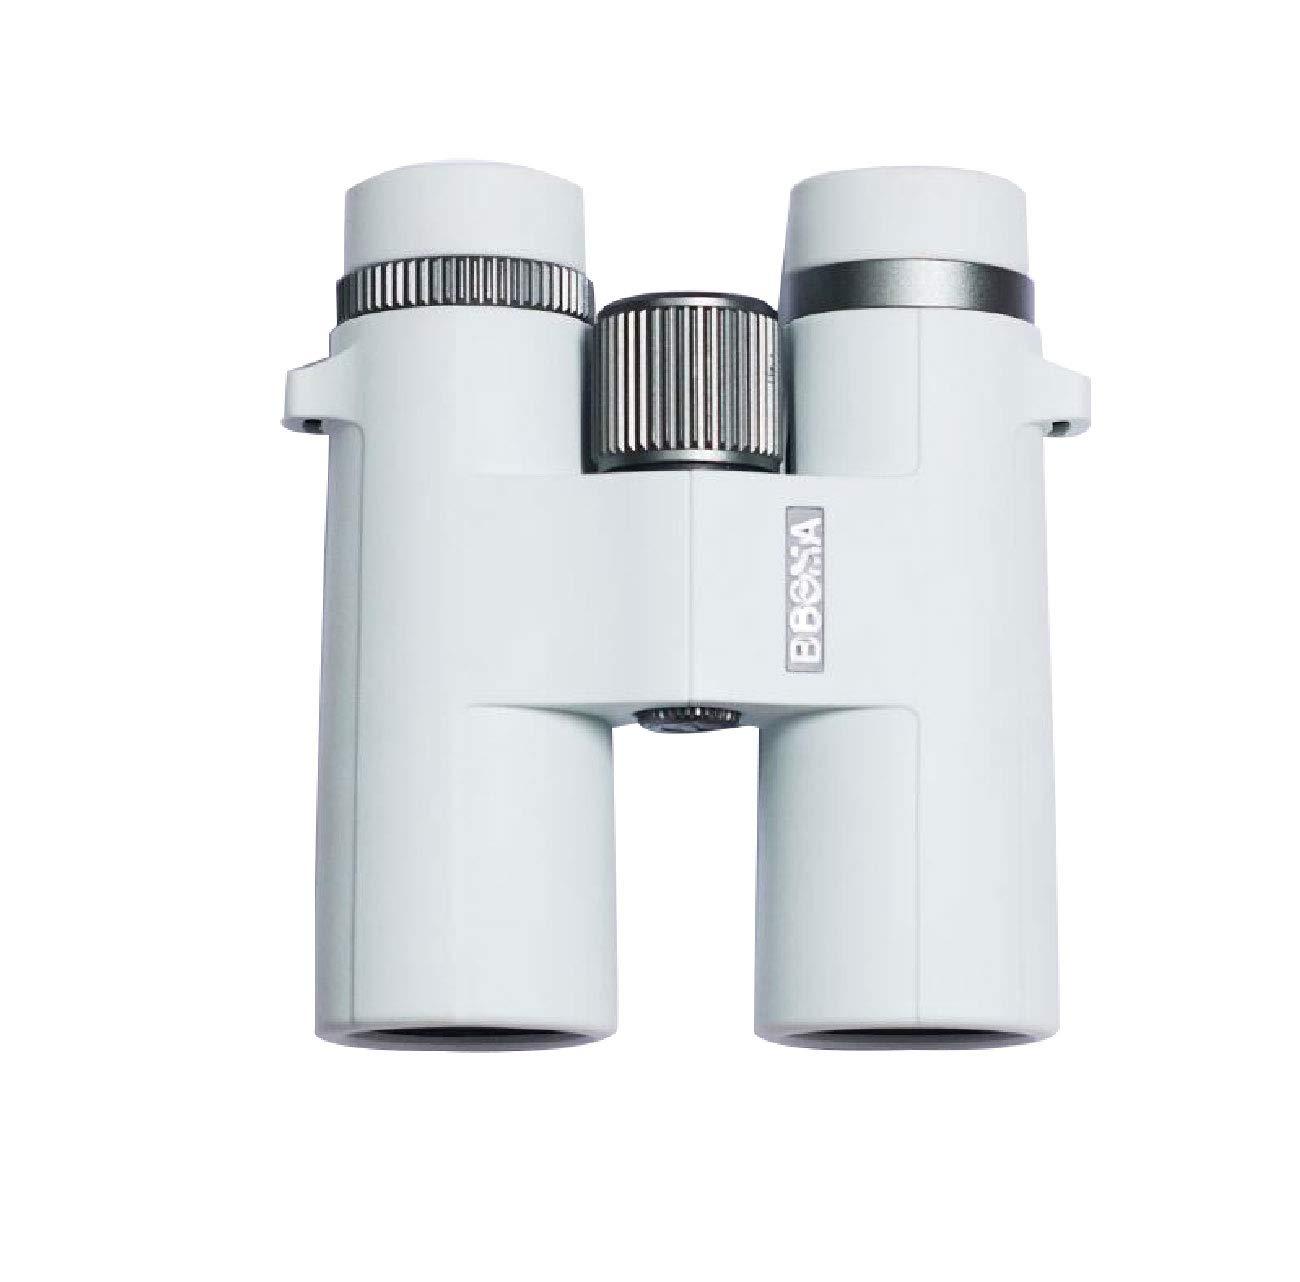 双眼鏡高精細ハイライト低光ナイトビジョン非人間の視点5倍-10倍優れたイメージングとより美しい外観多色オプション149 * 53.5 * 129ミリメートル 光学双眼鏡 (Color : 白)   B07HRN1DHK